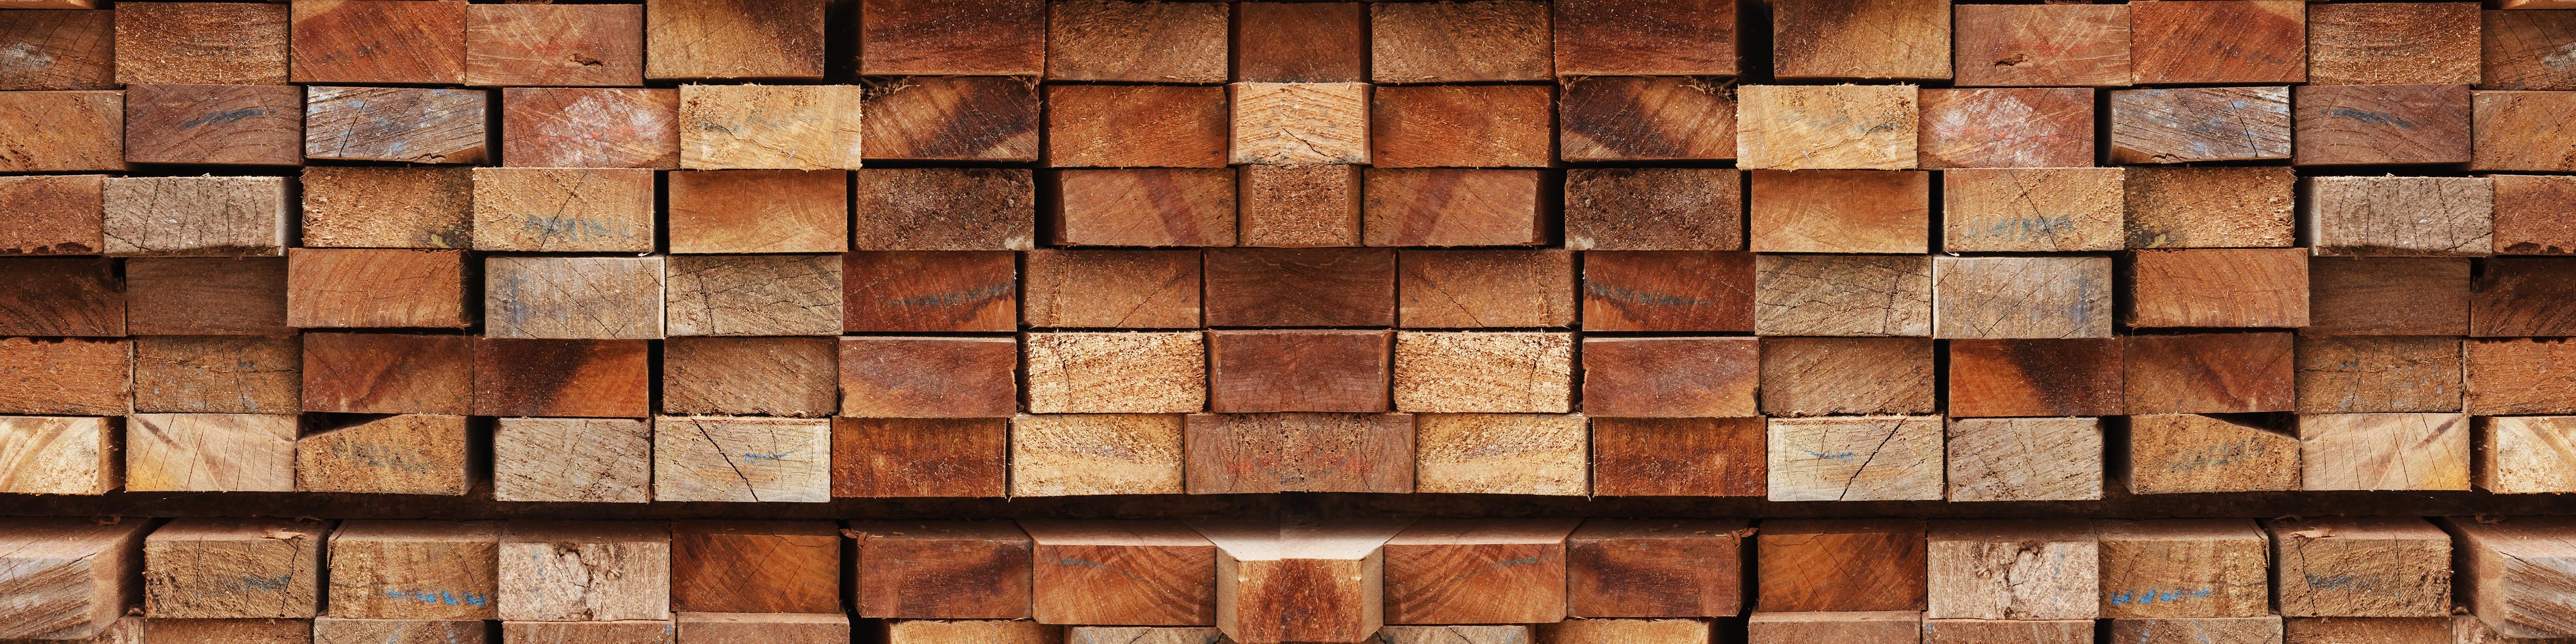 Davidsens Tømmerhandel A/S